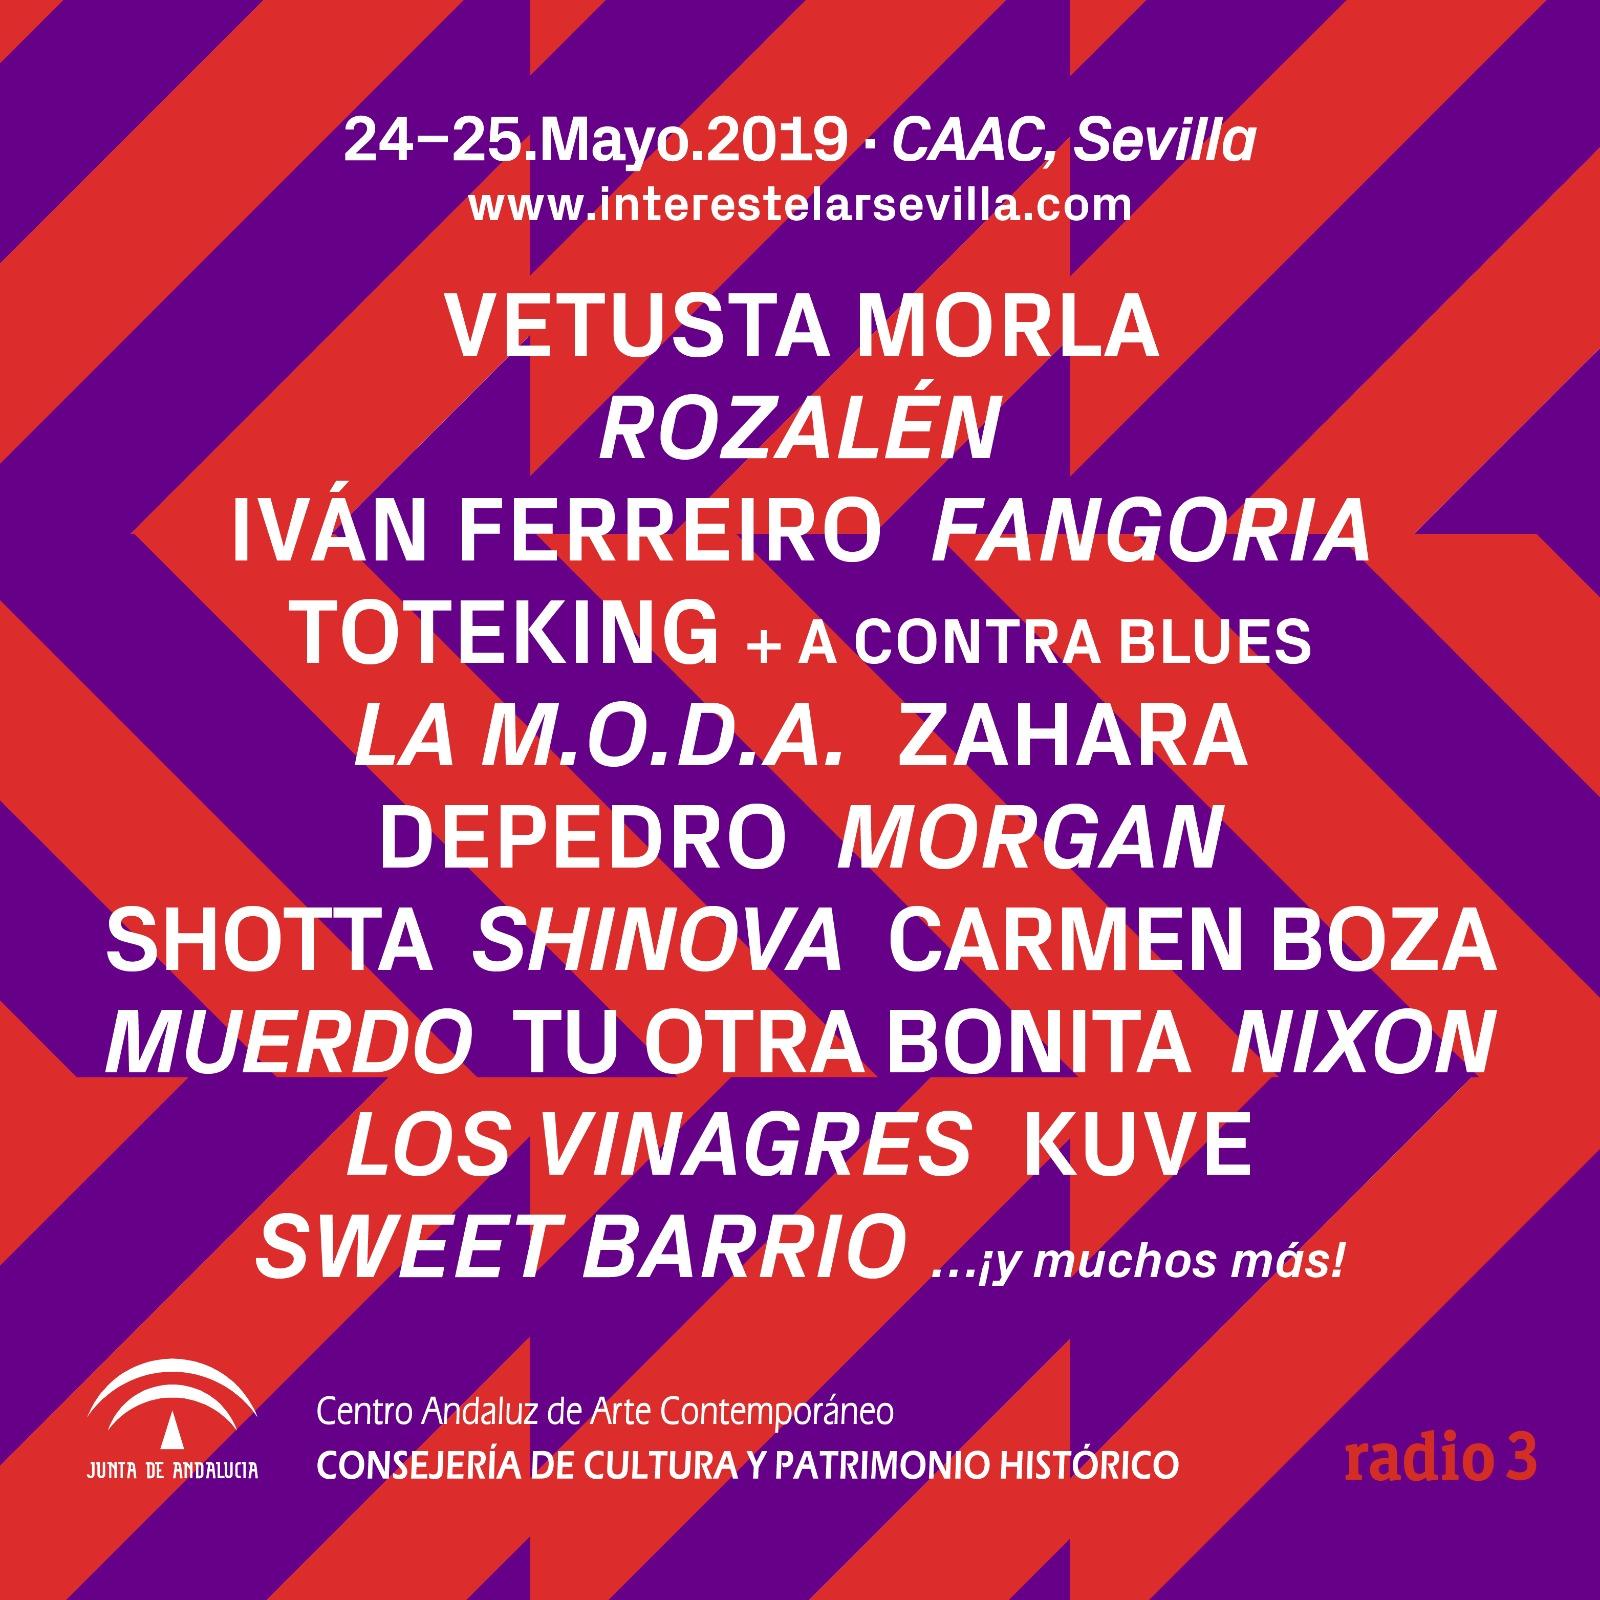 Fangoria lidera las nuevas confirmaciones de Interestelar Sevilla